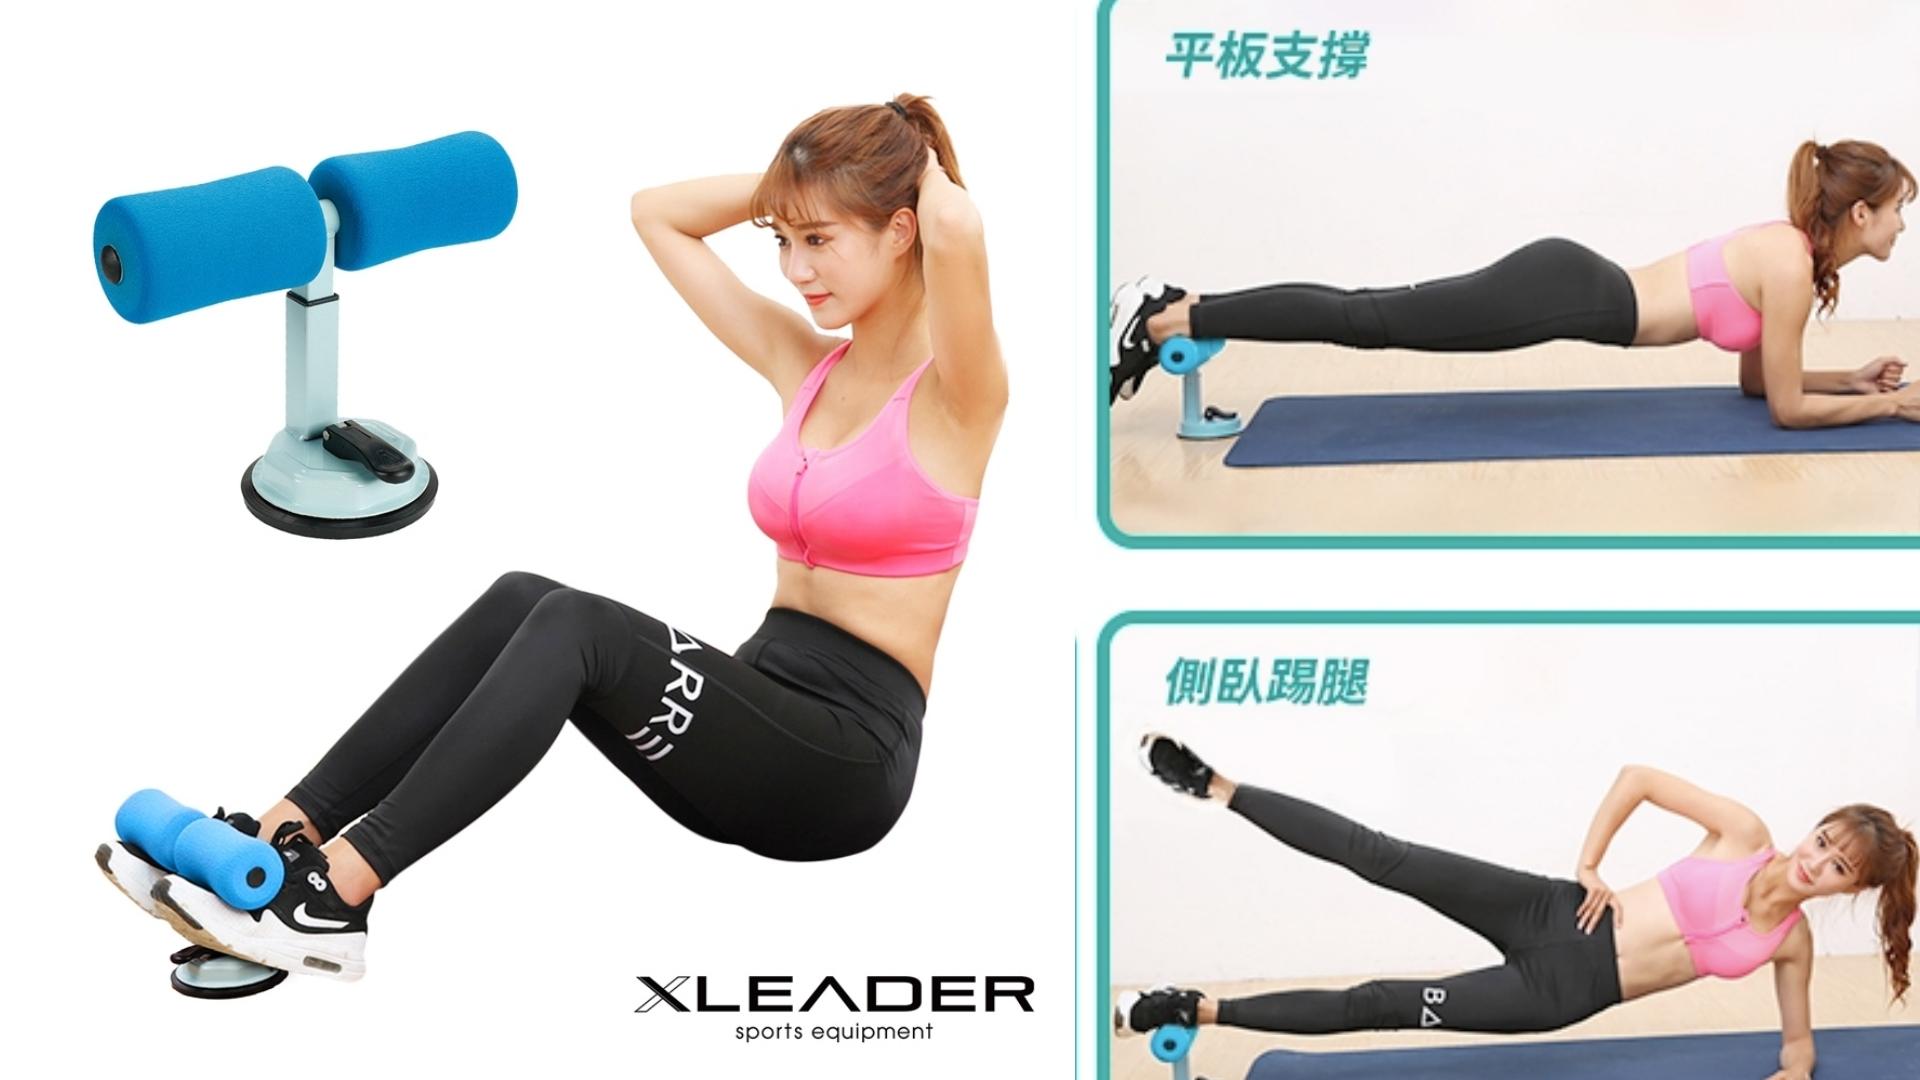 不只可以用來仰臥起坐練出馬甲線,更同時能做到平板撐、側臥踢腿、超人式等不同訓練,而且吸盤面積加大,吸附更穩固不用擔心受傷